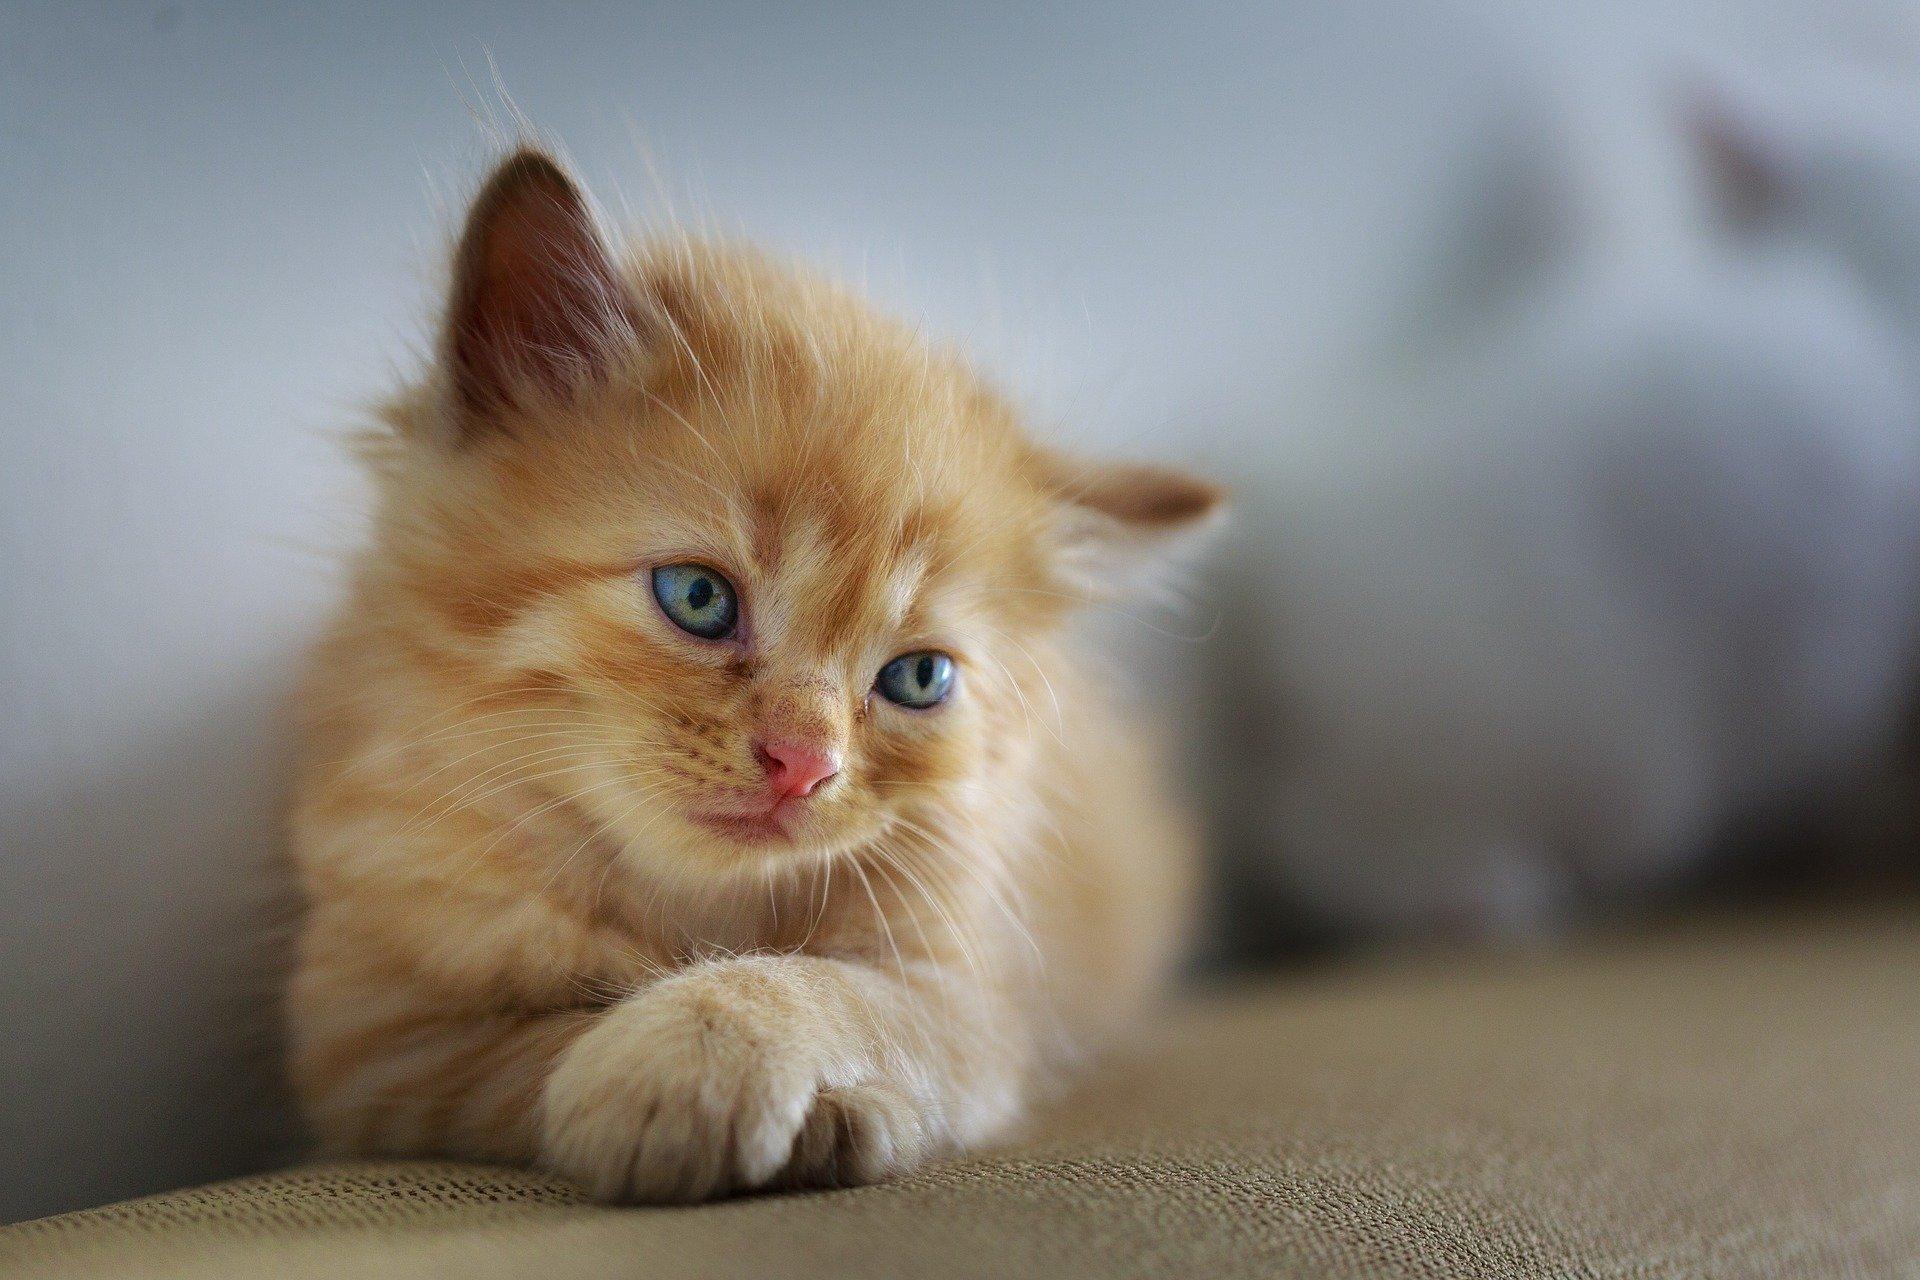 Los gatitos deben comer comida adecuada para ellos